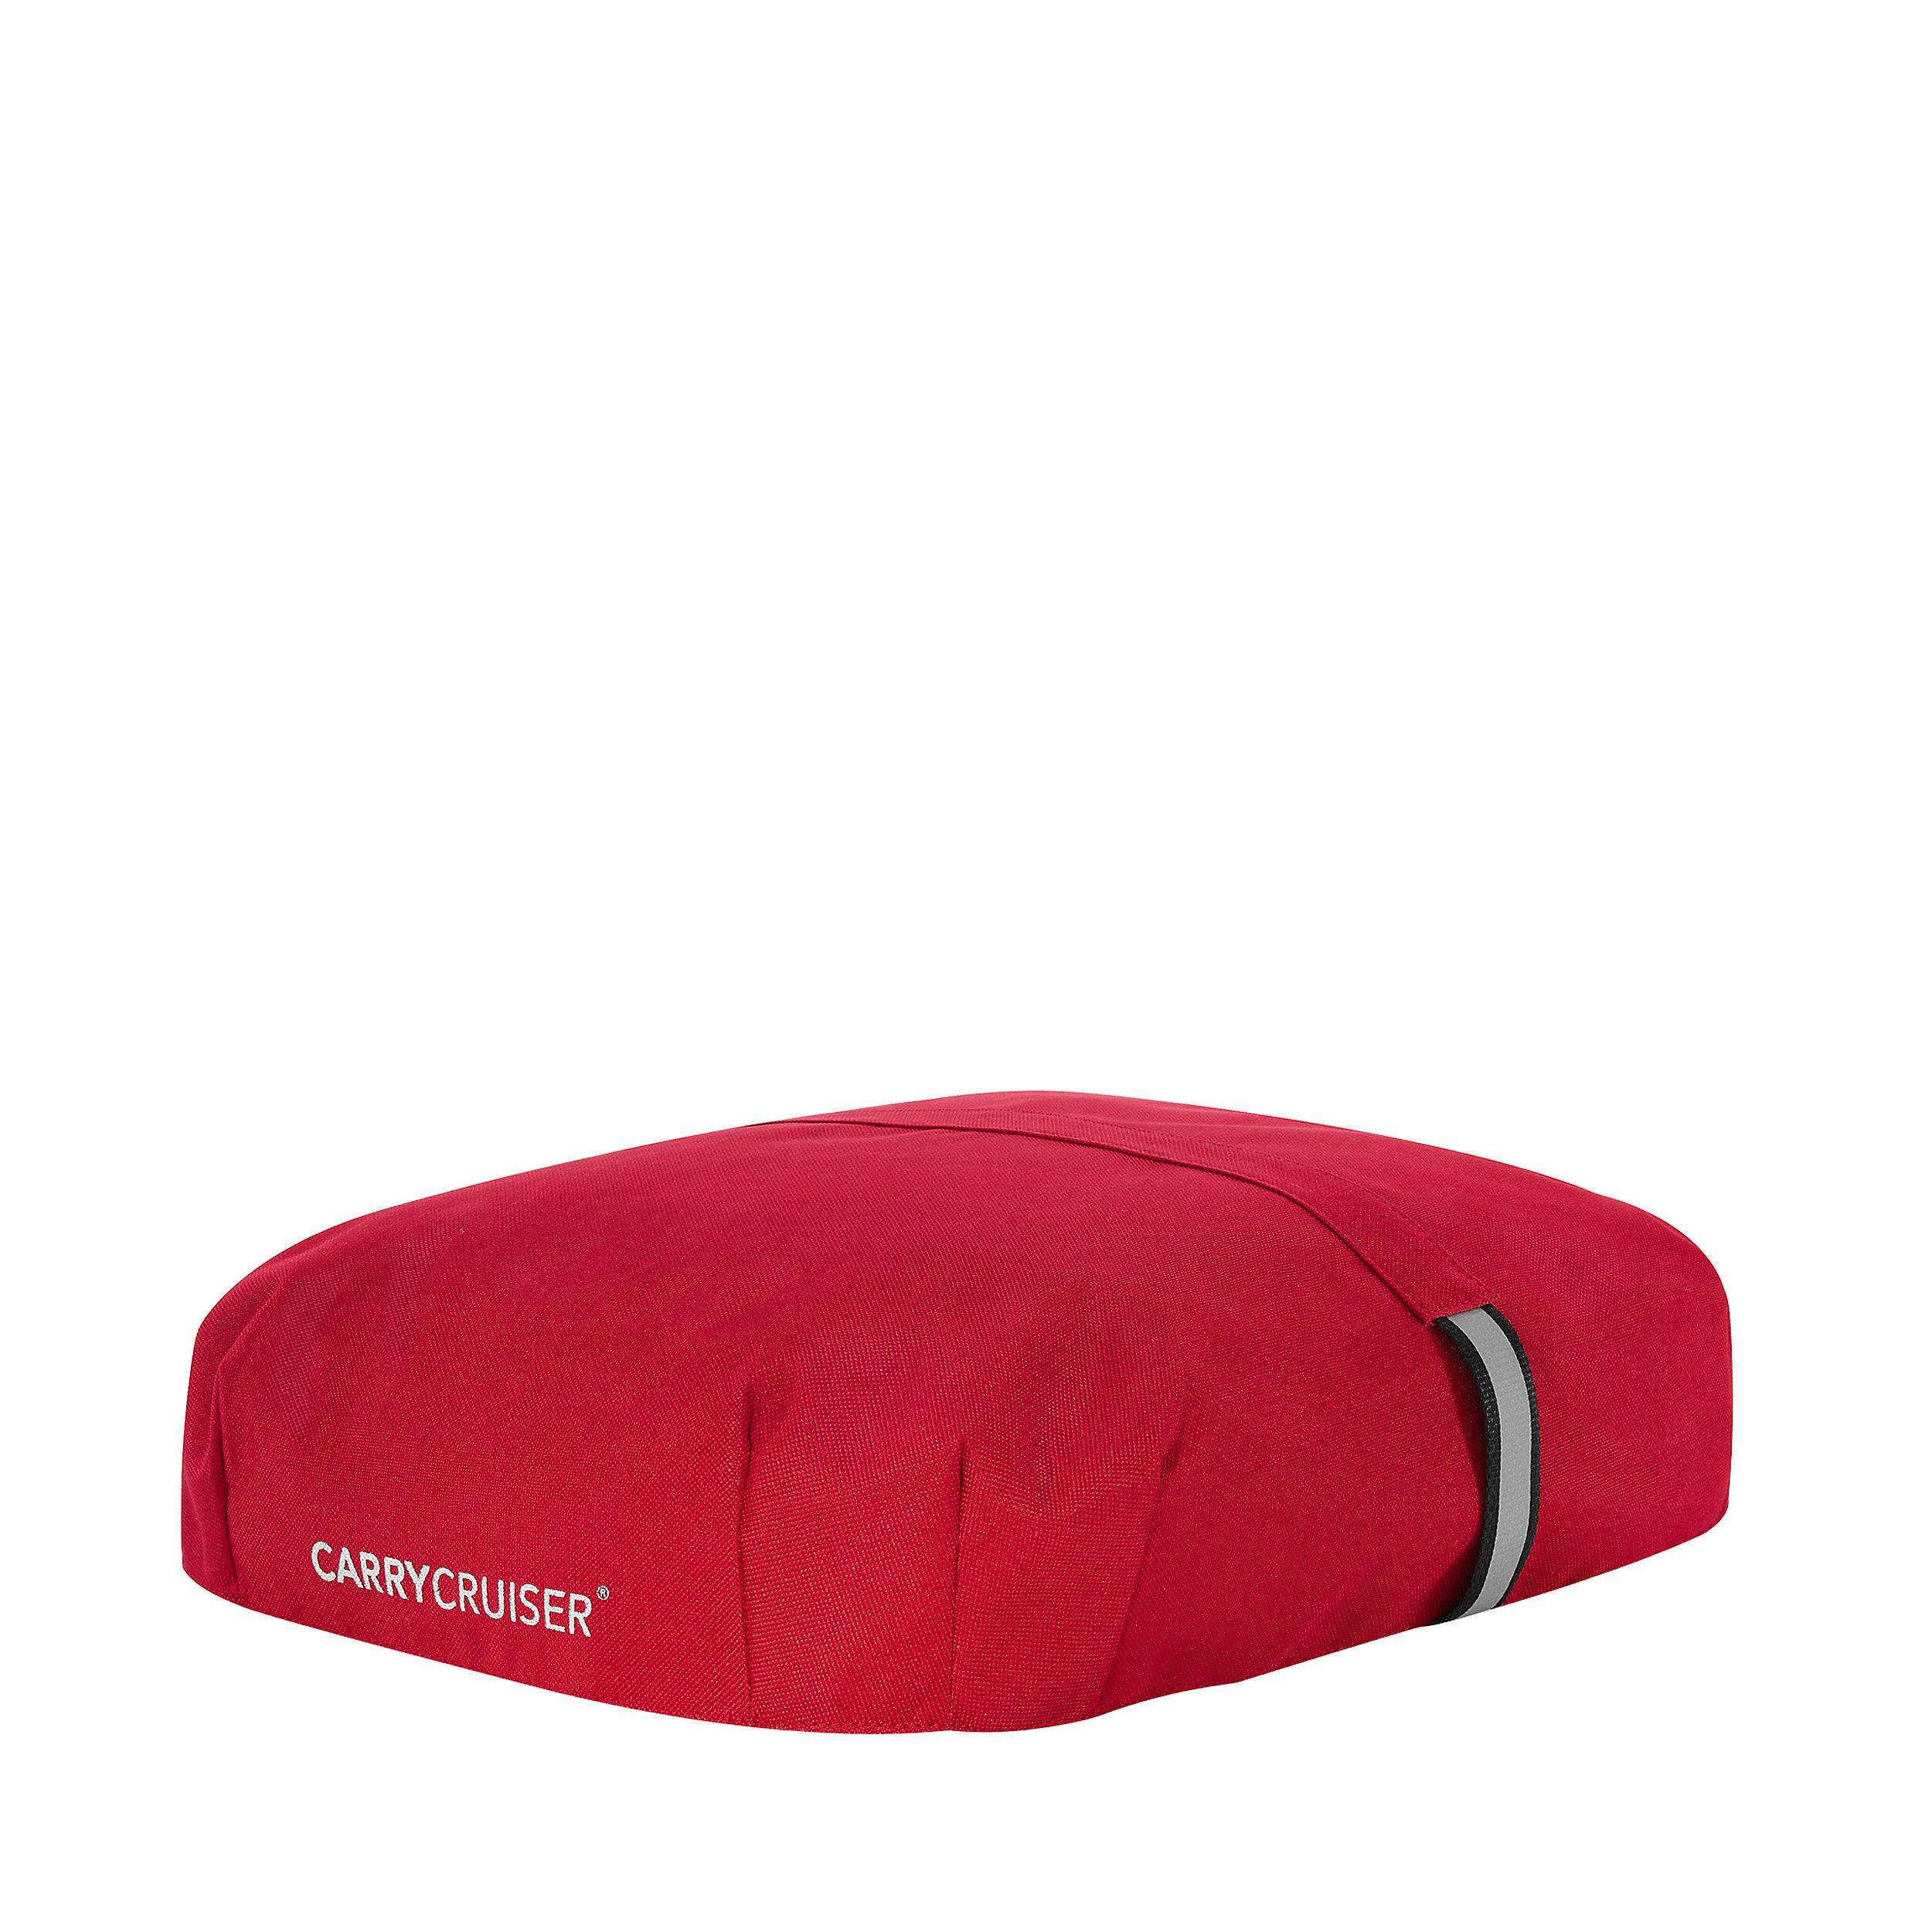 Carrycruiser Cover Shopping